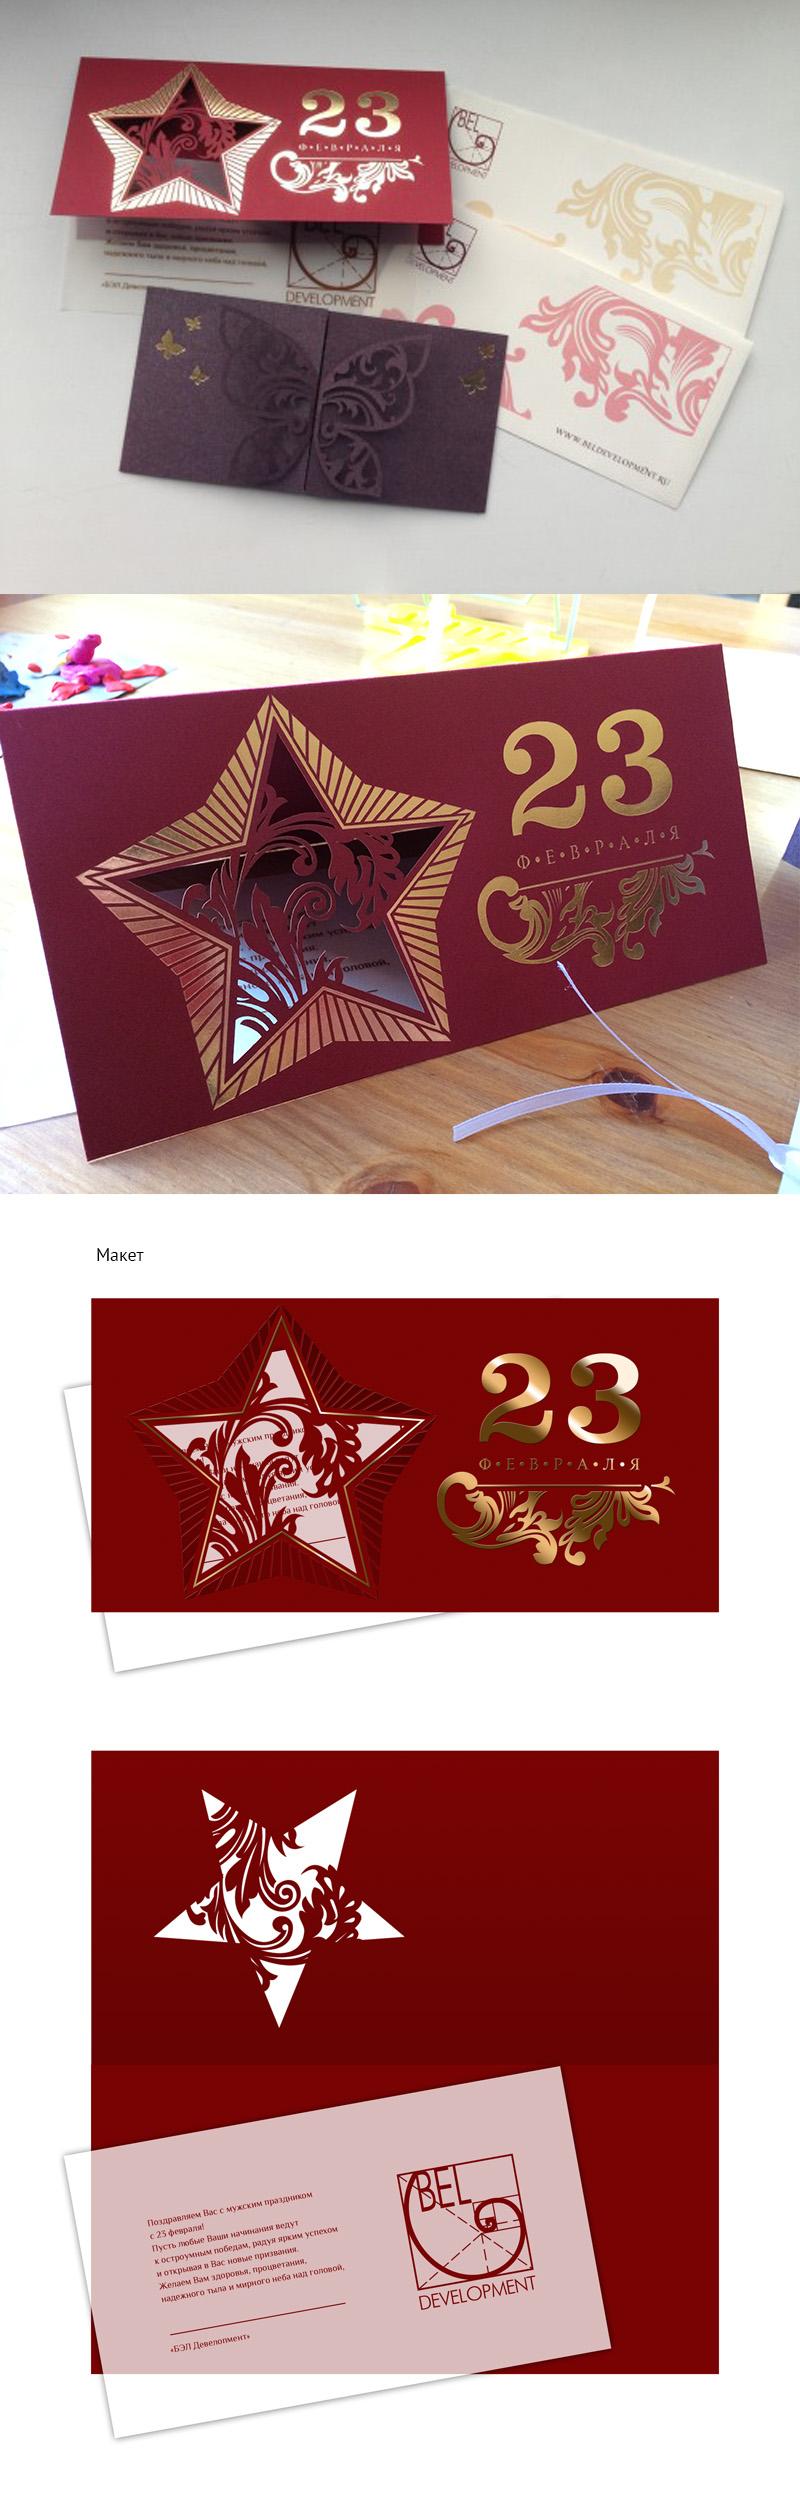 23 февраля открытка портфолио | 24 февраля - Поздравления ...: http://pozdraf.ru/23-otkrutki/23_fevralya_otkrytka_portfolio.html